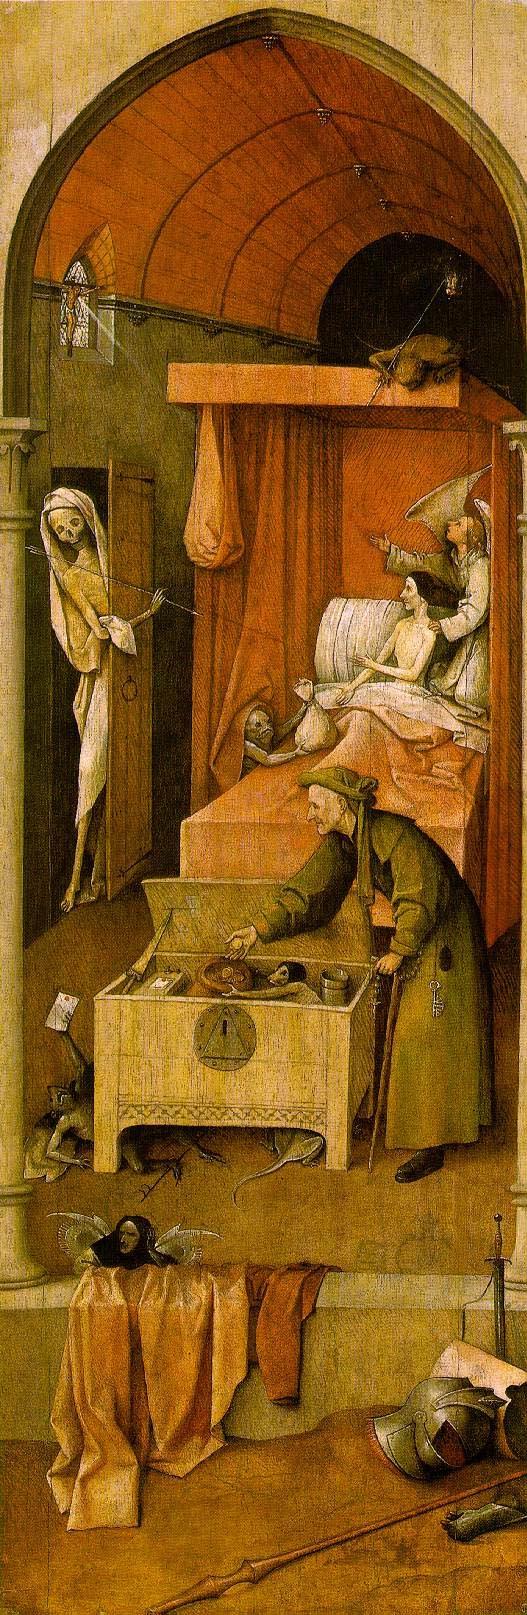 Hieronymus Bosch: Der Tod eines Geizhalses (Ausschnitt); Quelle: Wikimedia / The Yorck Project: 10.000 Meisterwerke der Malerei. DVD-ROM, 2002. ISBN 3936122202. Distributed by DIRECTMEDIA Publishing GmbH.